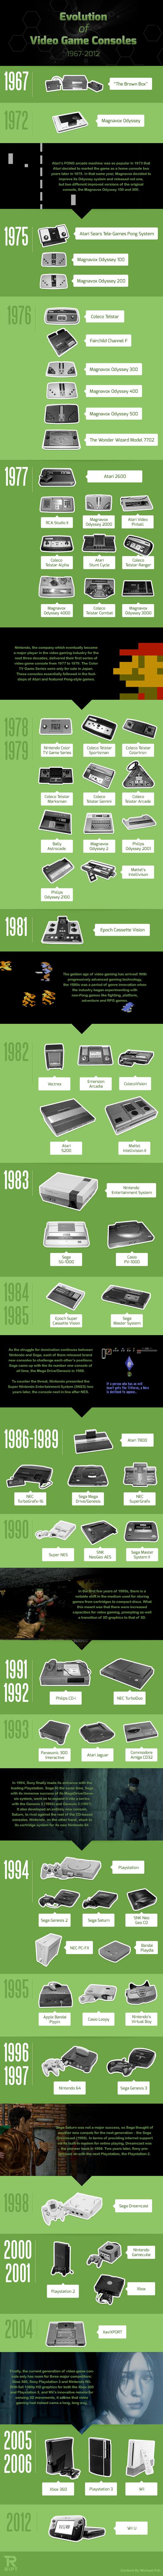 evolution video game consoles - L'évolution des contrôleurs de consoles de jeu [1967-2012]